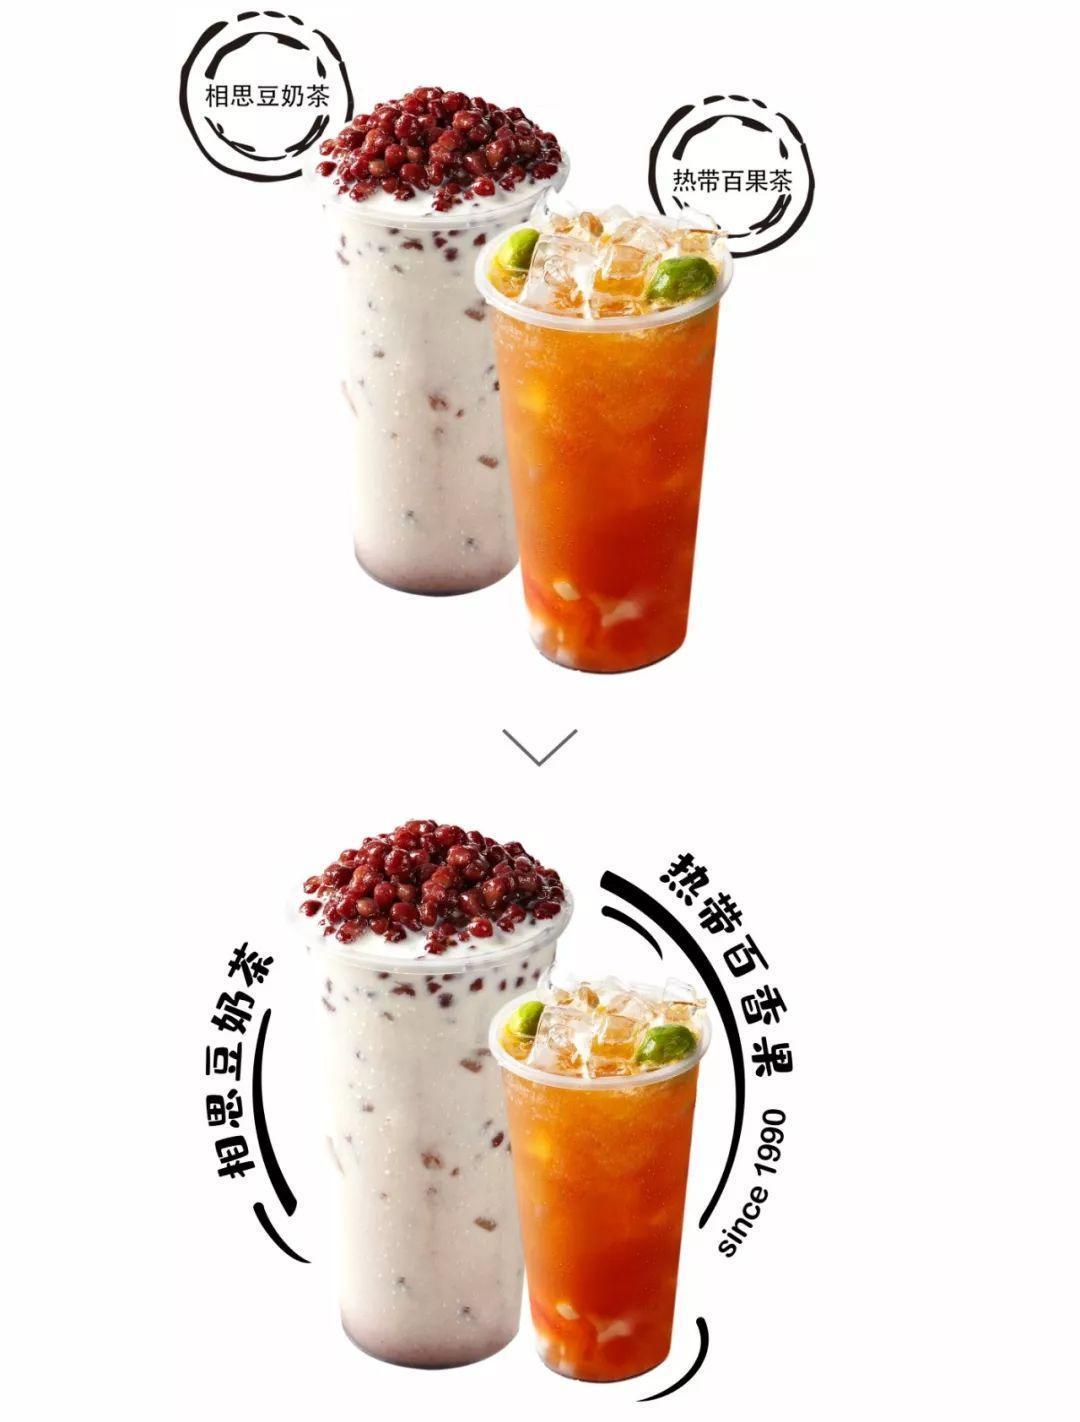 只会堆积素材的技巧:奶茶宣传海报设计改稿案例